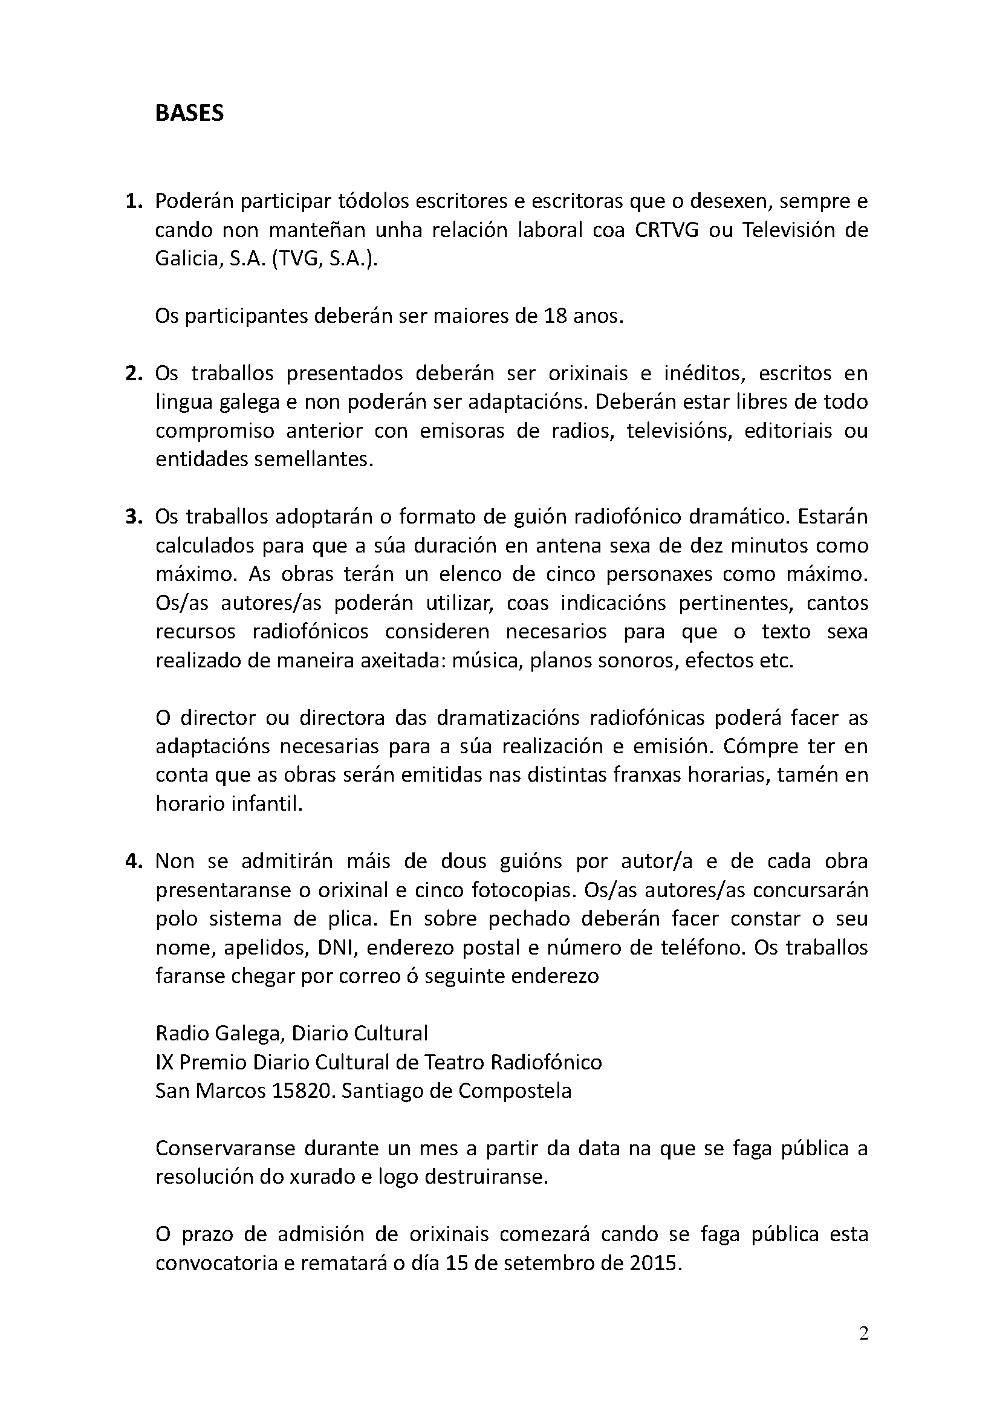 IX Premio Diario Cultural 2